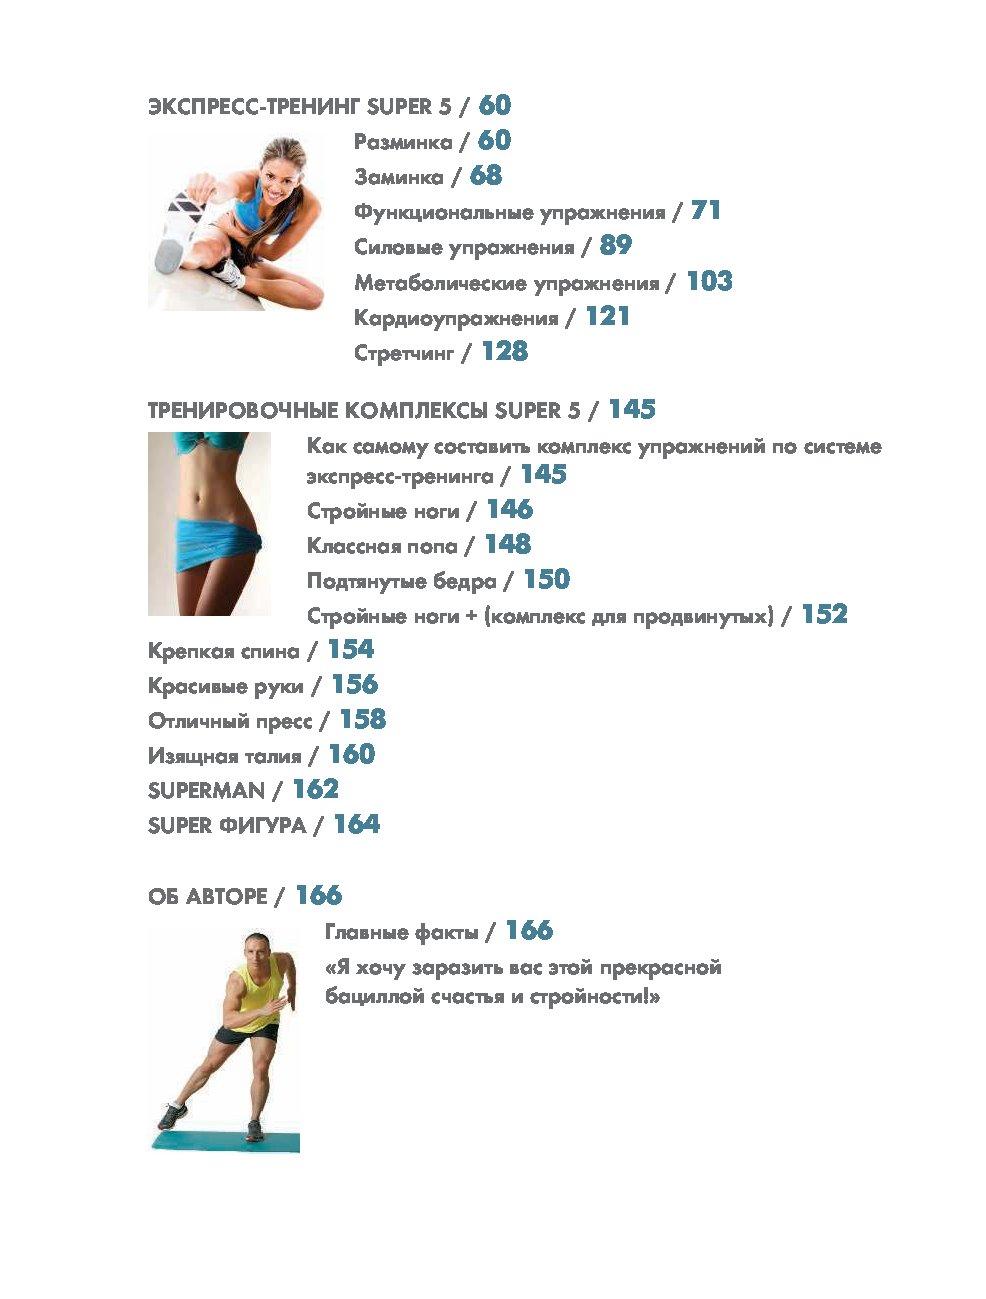 Сбросить Вес Упражнениями. Похудеть за месяц. Программа тренировок и план питания